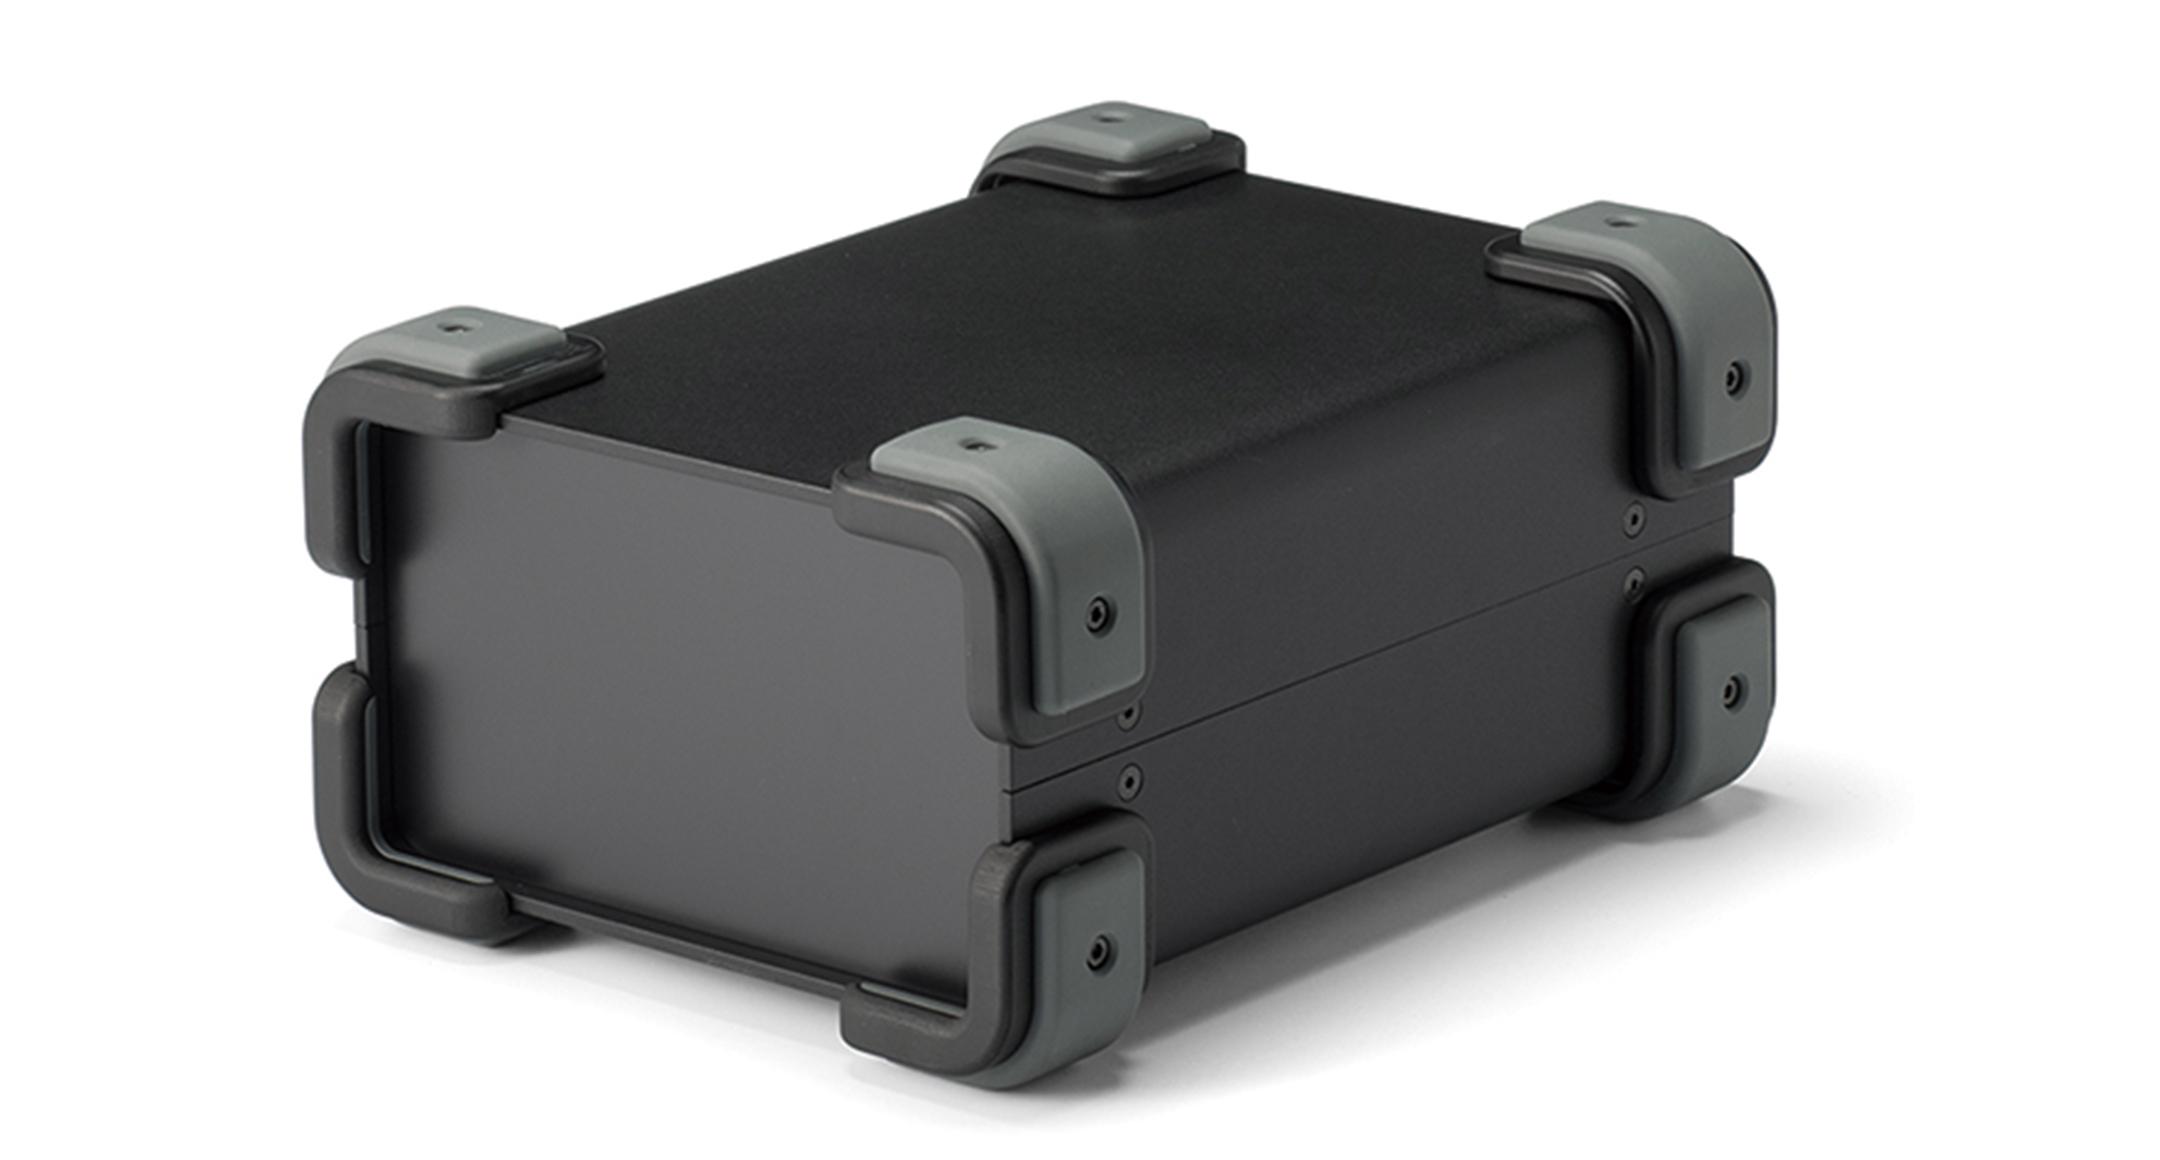 コーナーガード付フリーサイズケース UCGSシリーズ:ブラック/グレーの画像